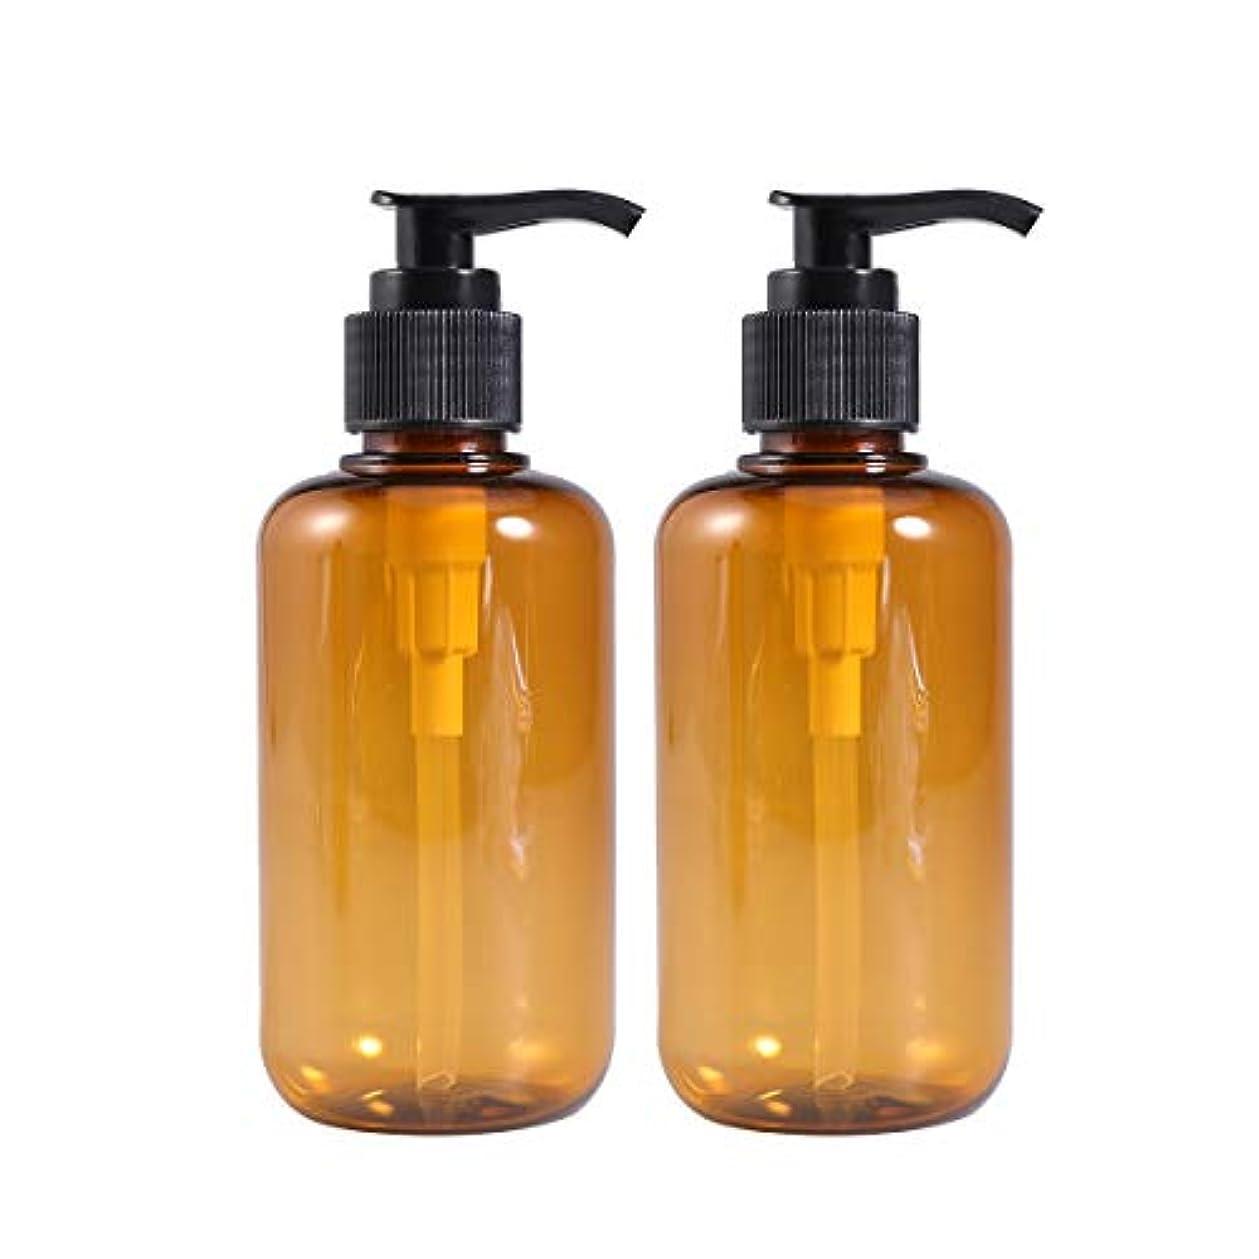 ポータブル主張召集するFrcolor ポンプ瓶 ポンプボトル 200ml 遮光瓶 ドロップポンプ 詰め替えボトル シャンプーハンドソープ 茶色 PET製 2本セット